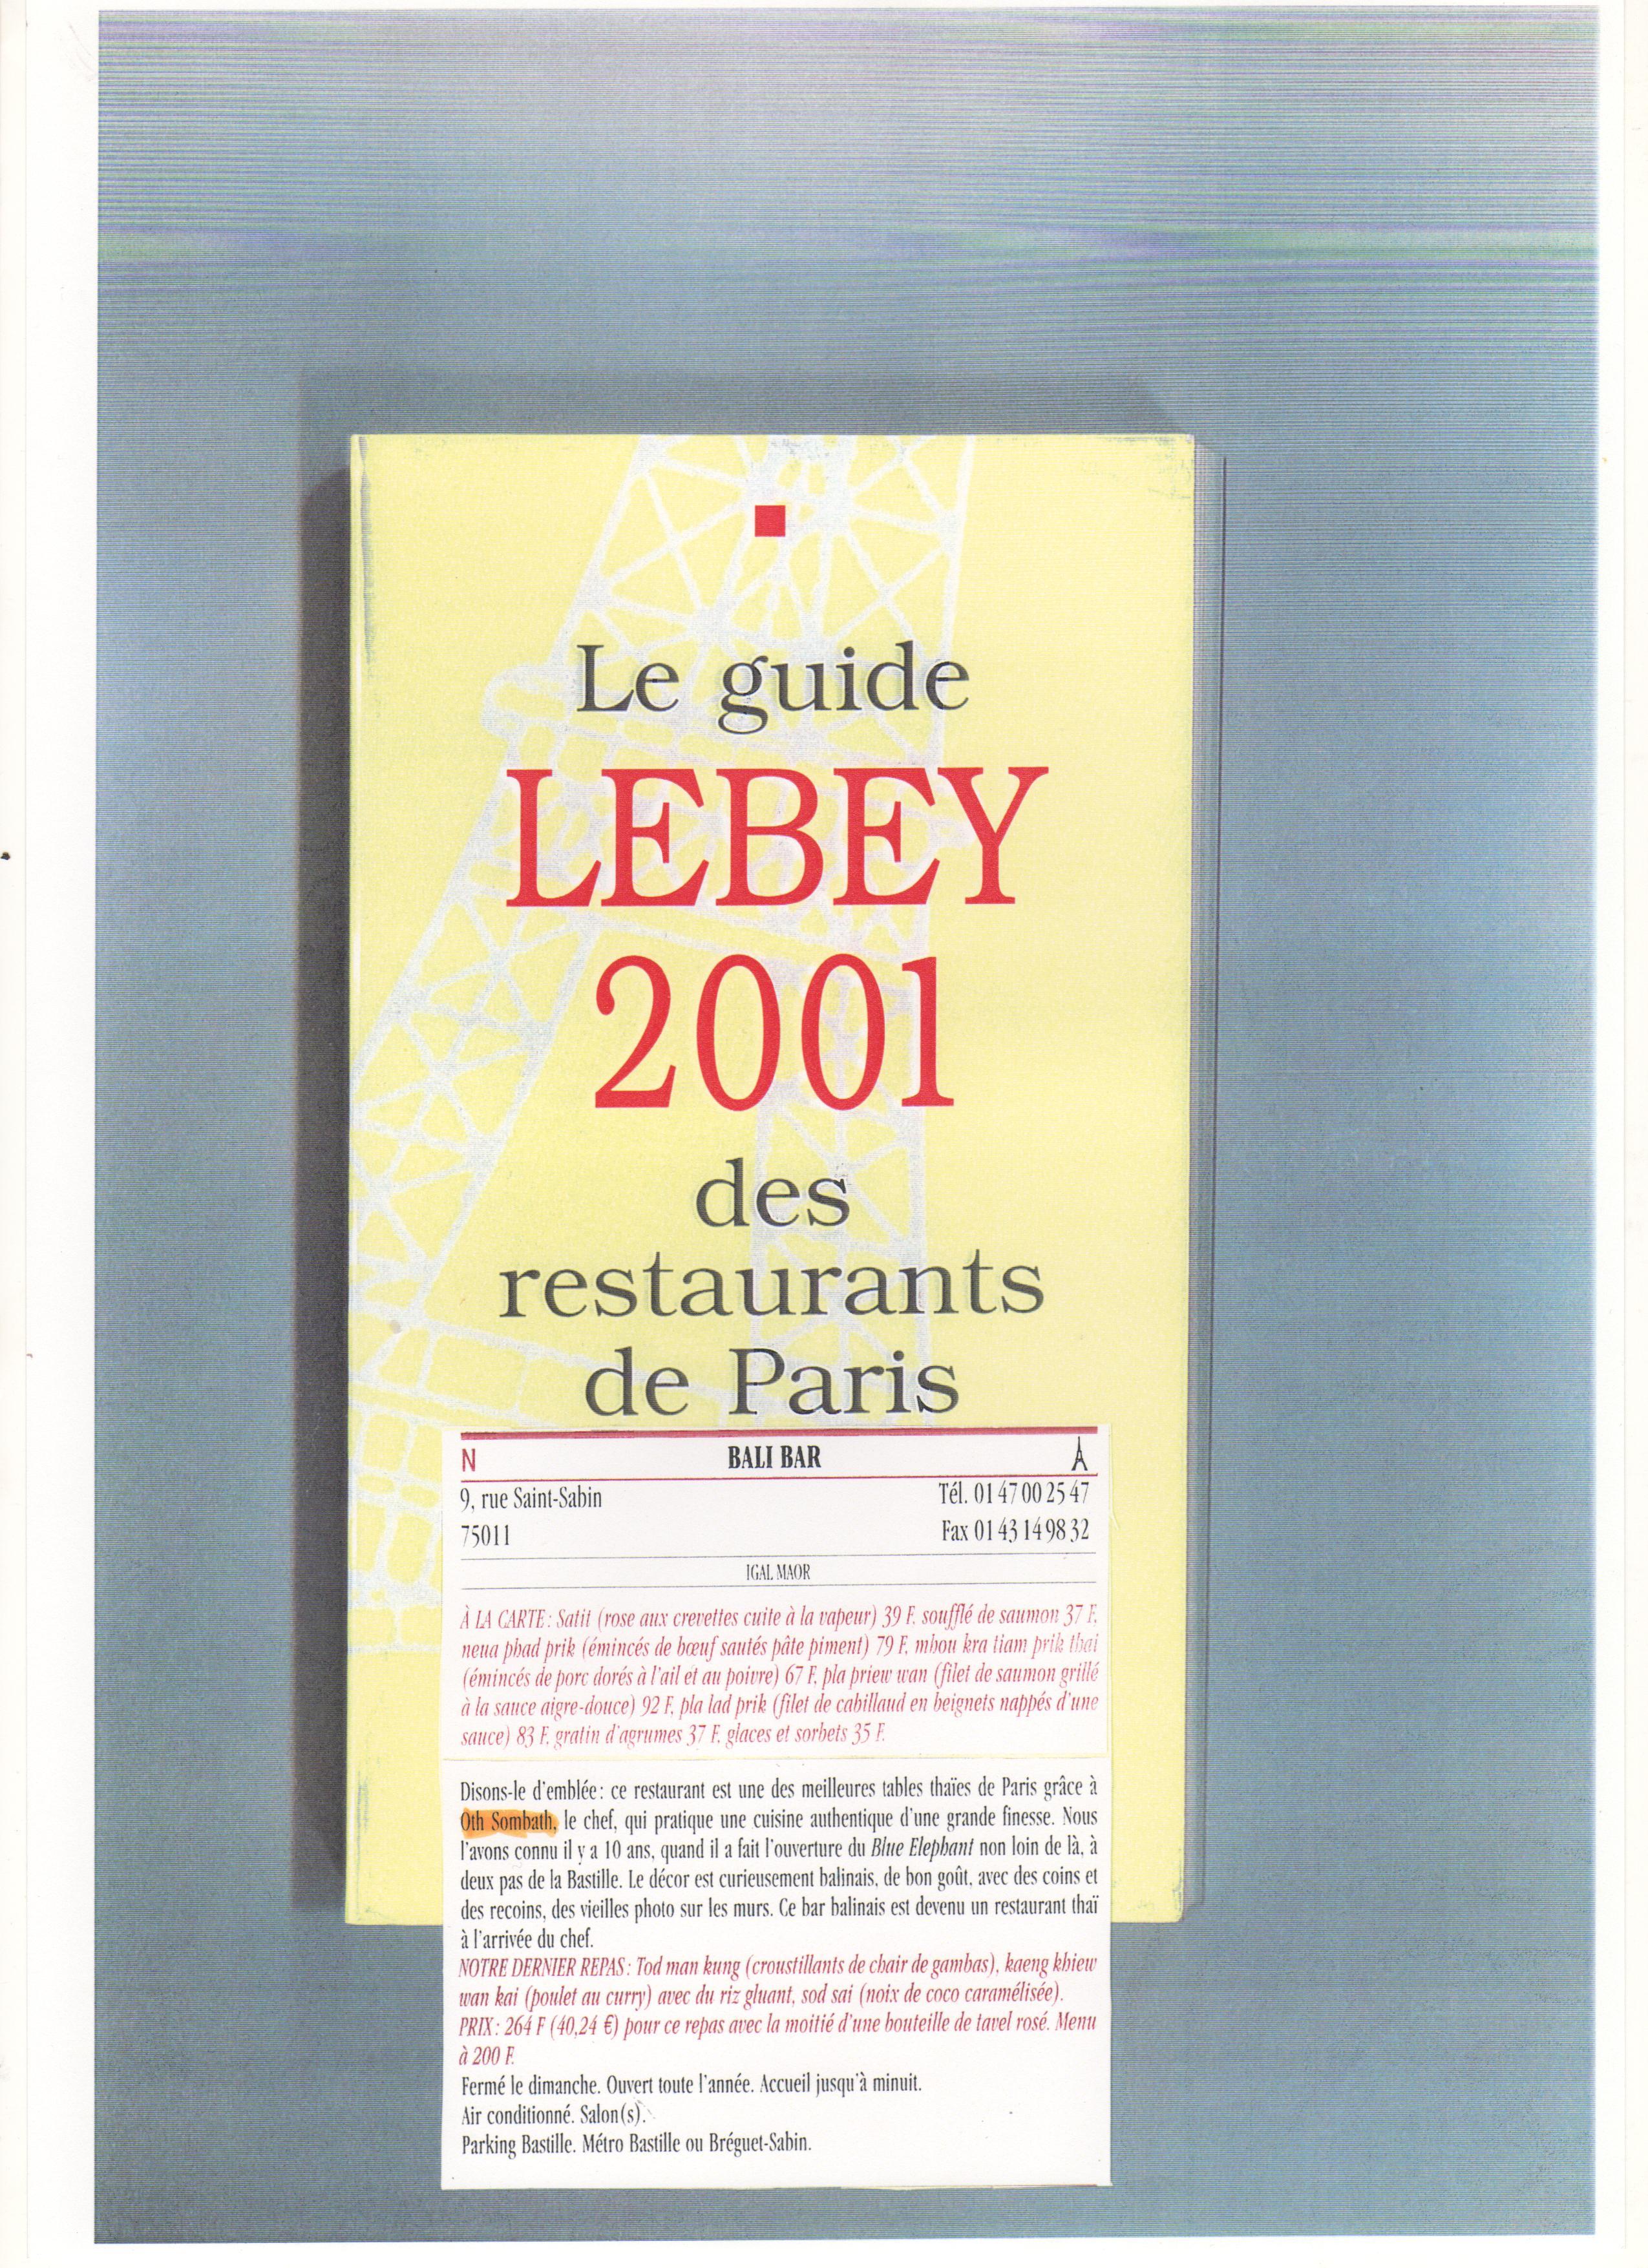 Le guide LEBEY 2001